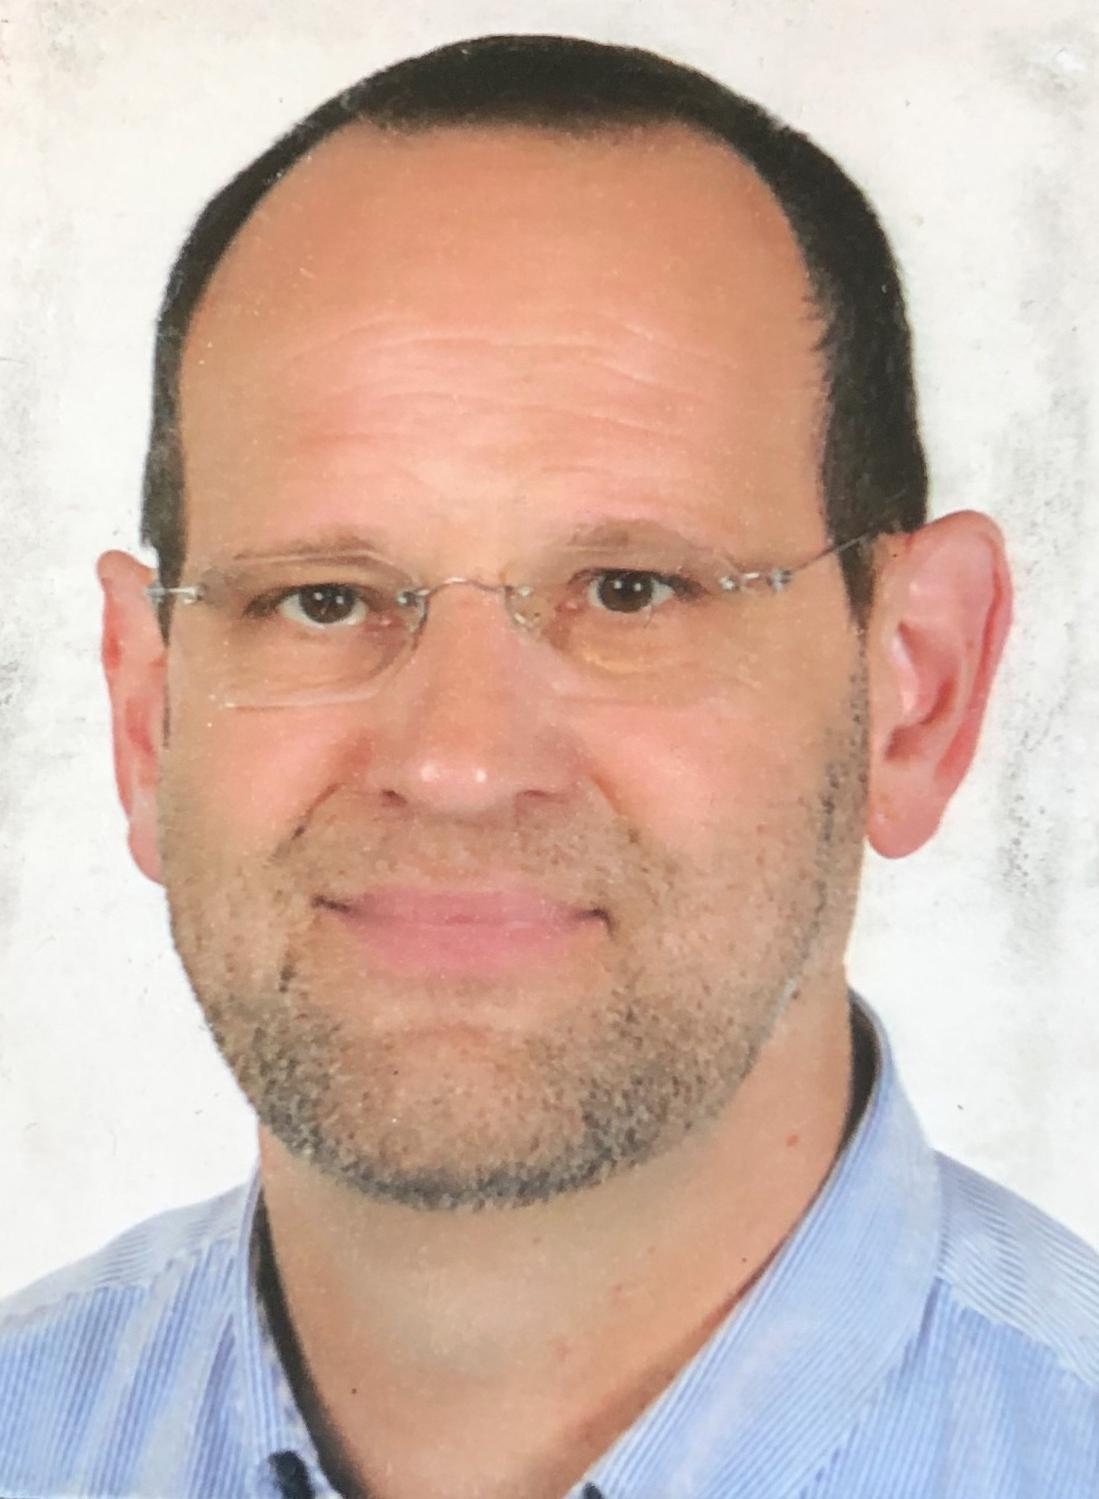 Herbert Goerzen